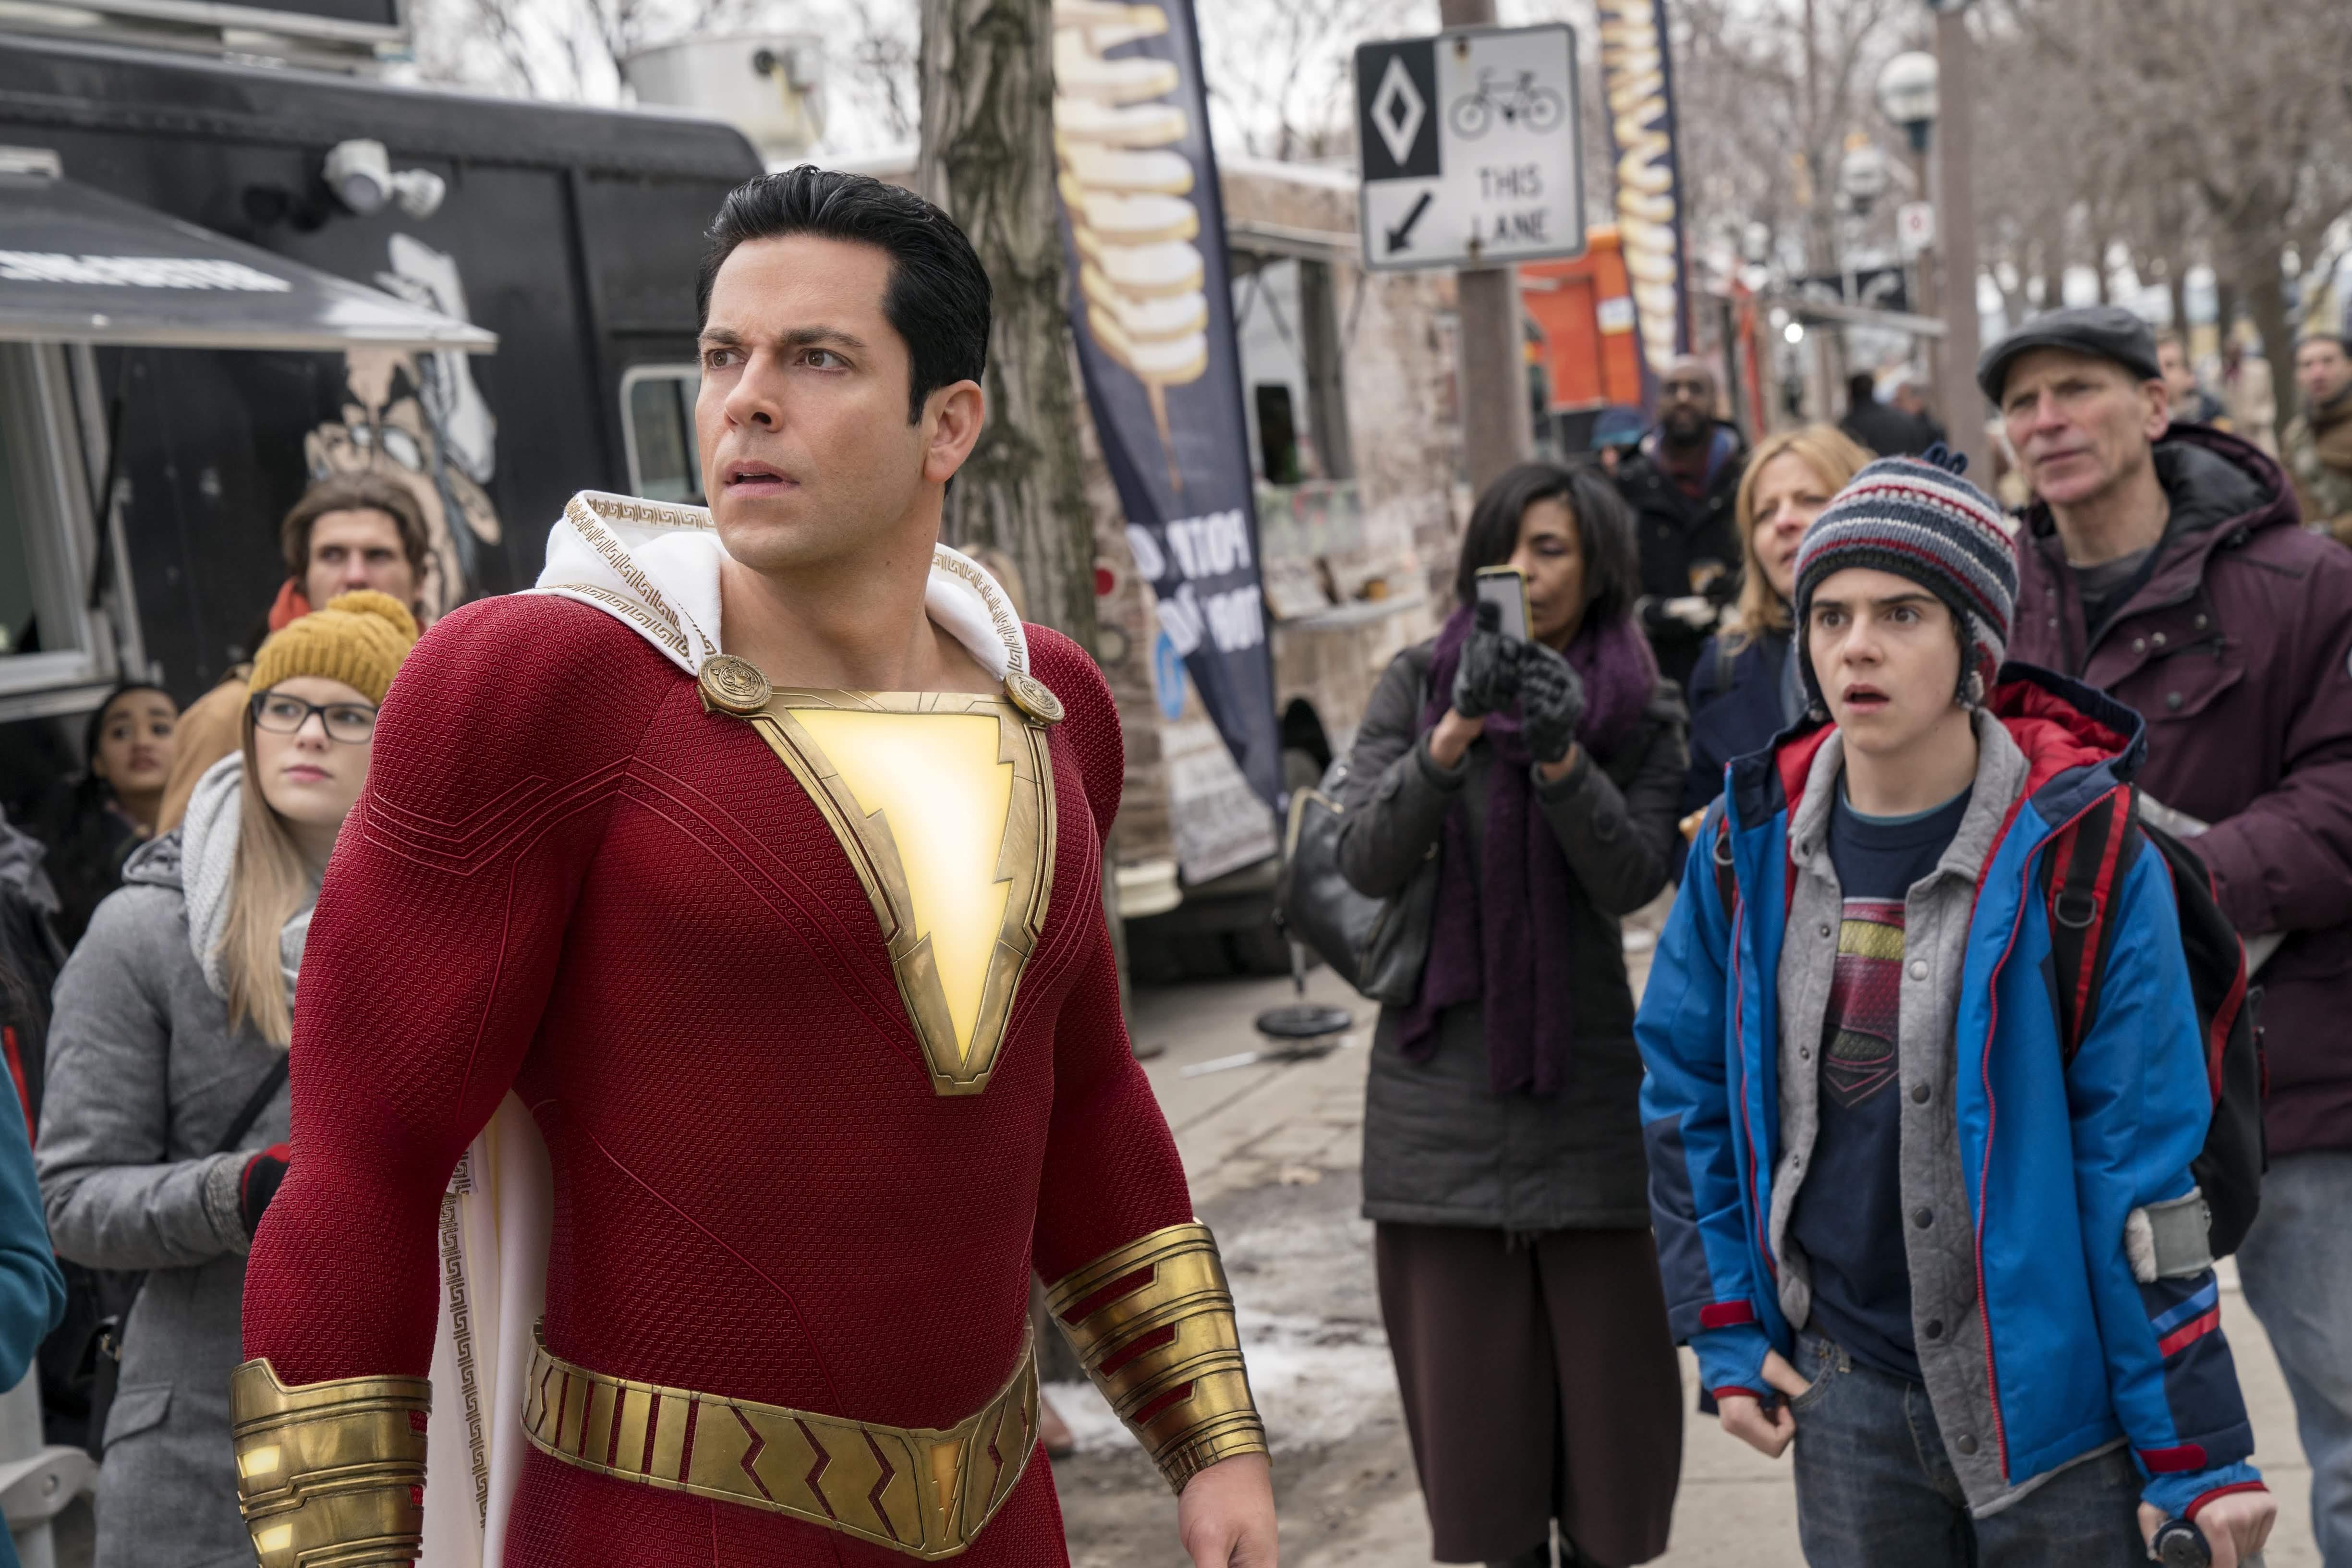 Shazam : 本当は少年だけにテキトーなヒーローの成長と活躍を描いたDC ユニバースのコメディ映画「シャザム」の新しい予告編 ! !